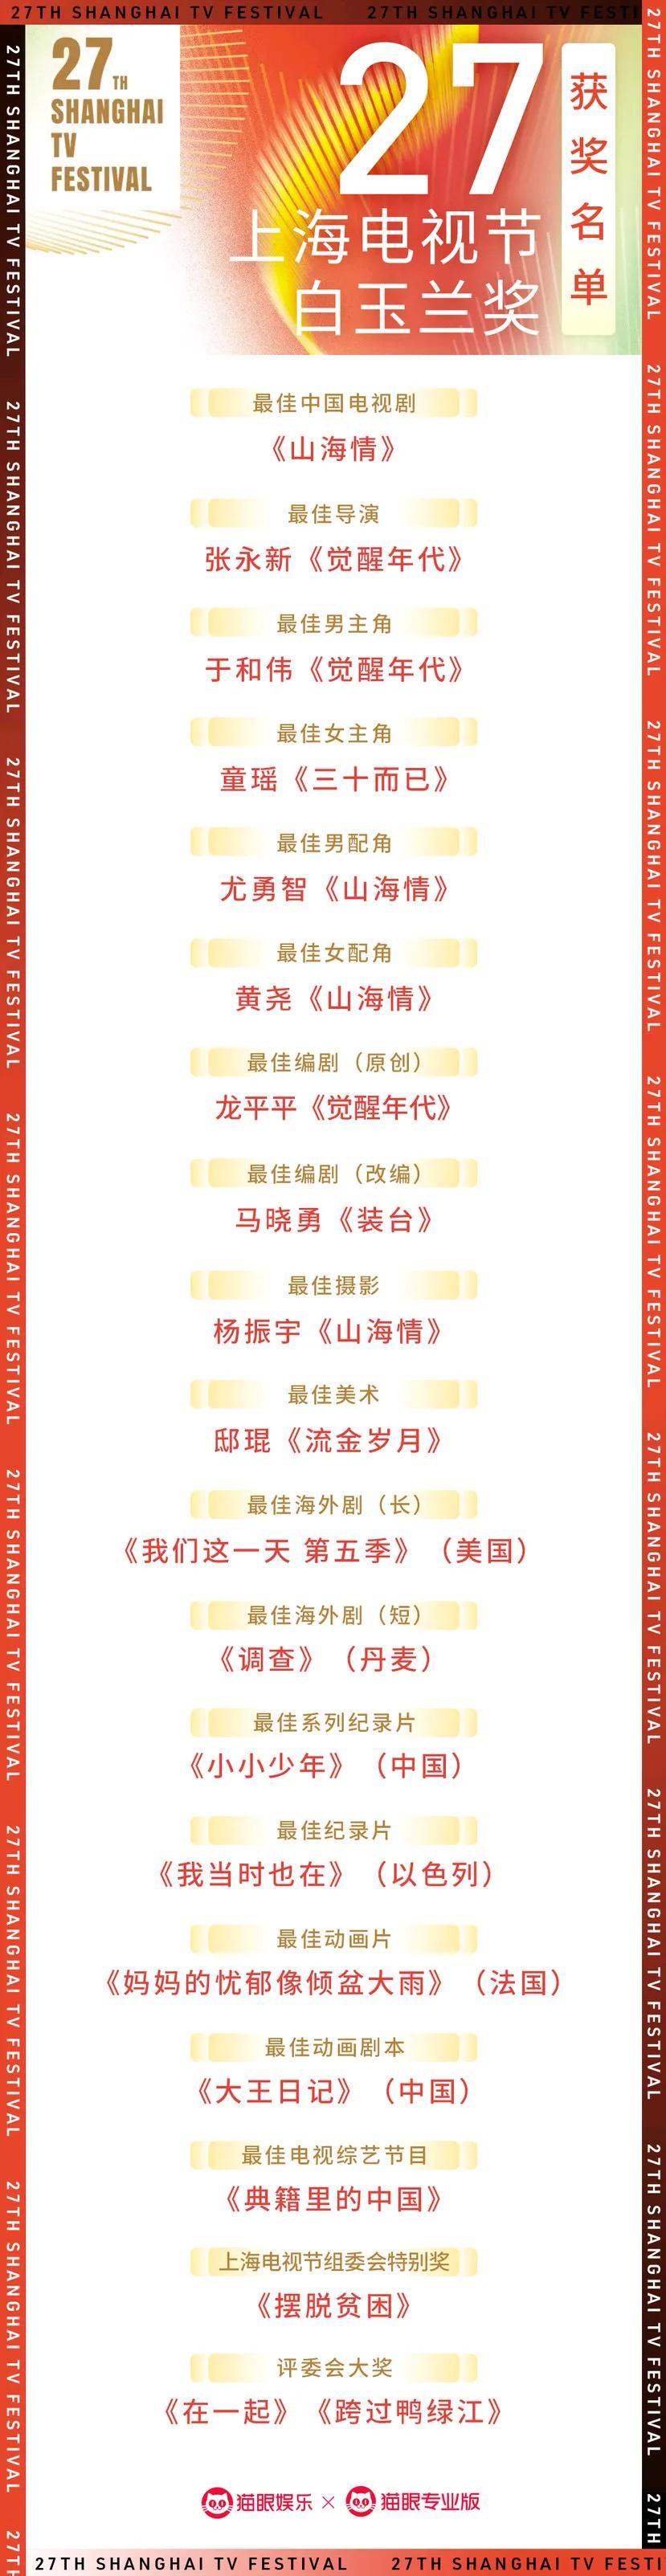 白玉兰奖最终名单